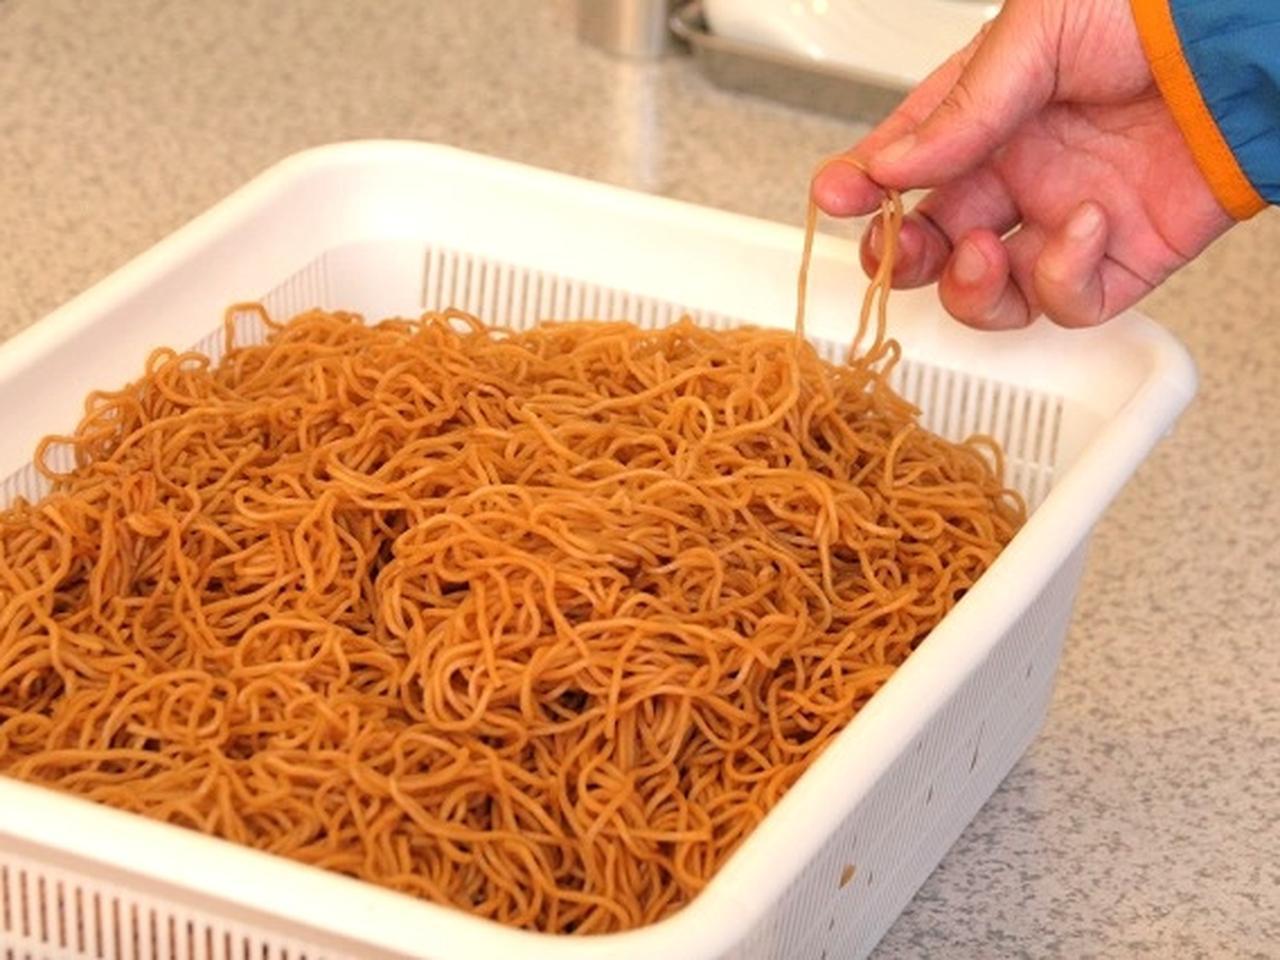 画像: それをお湯で戻してからラードにくぐらせて焼いています。こうすることで、麺に甘みも加わるのだとか。